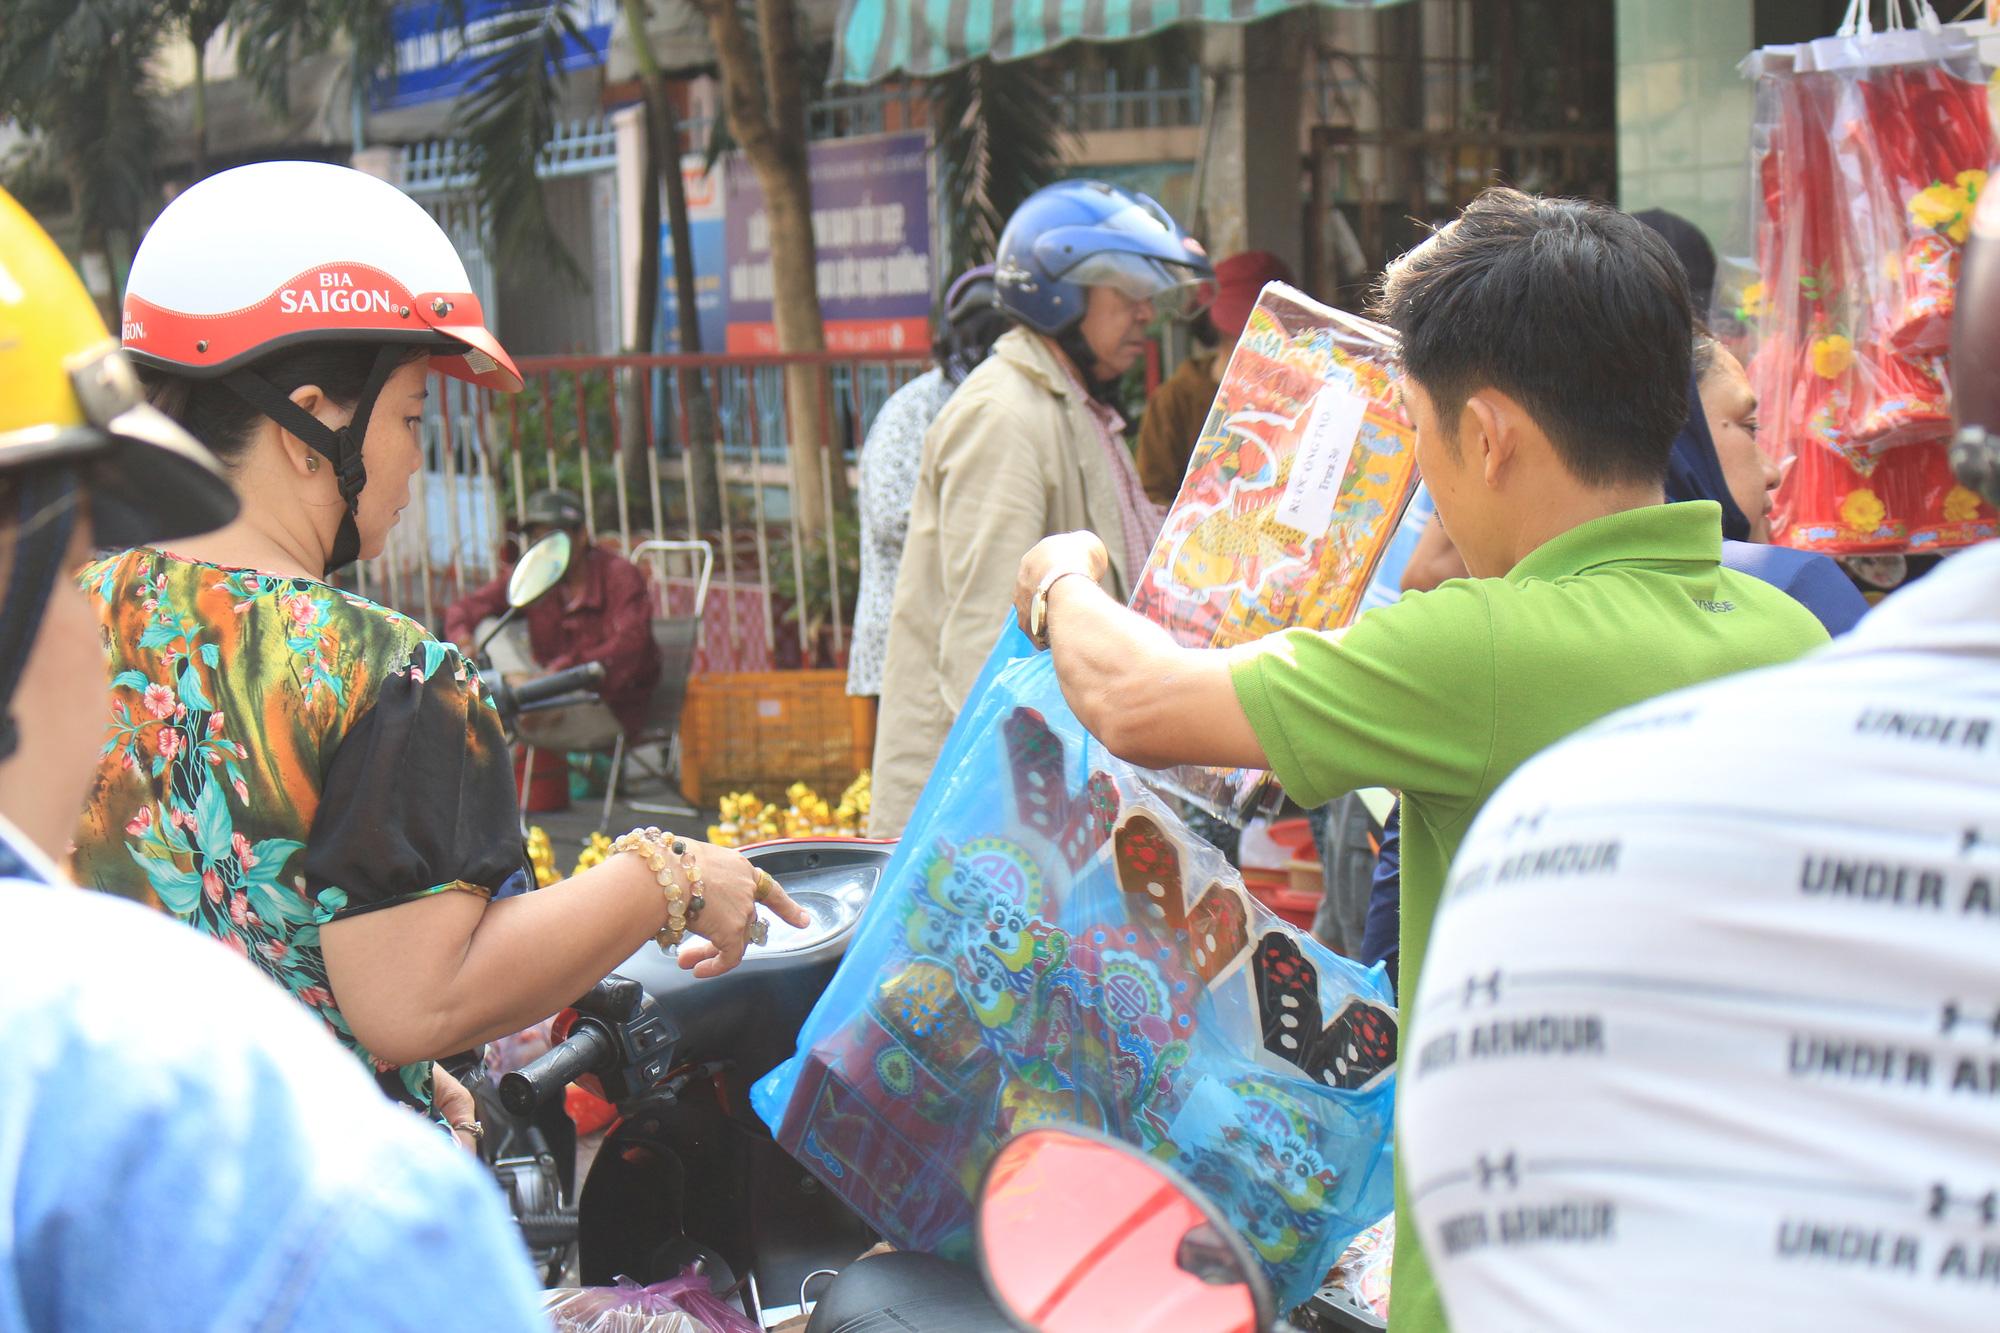 Người Sài Gòn tranh thủ sắm đồ cúng ông Công, ông Táo: Vàng mã hốt bạc, cá chép đìu hiu - Ảnh 4.